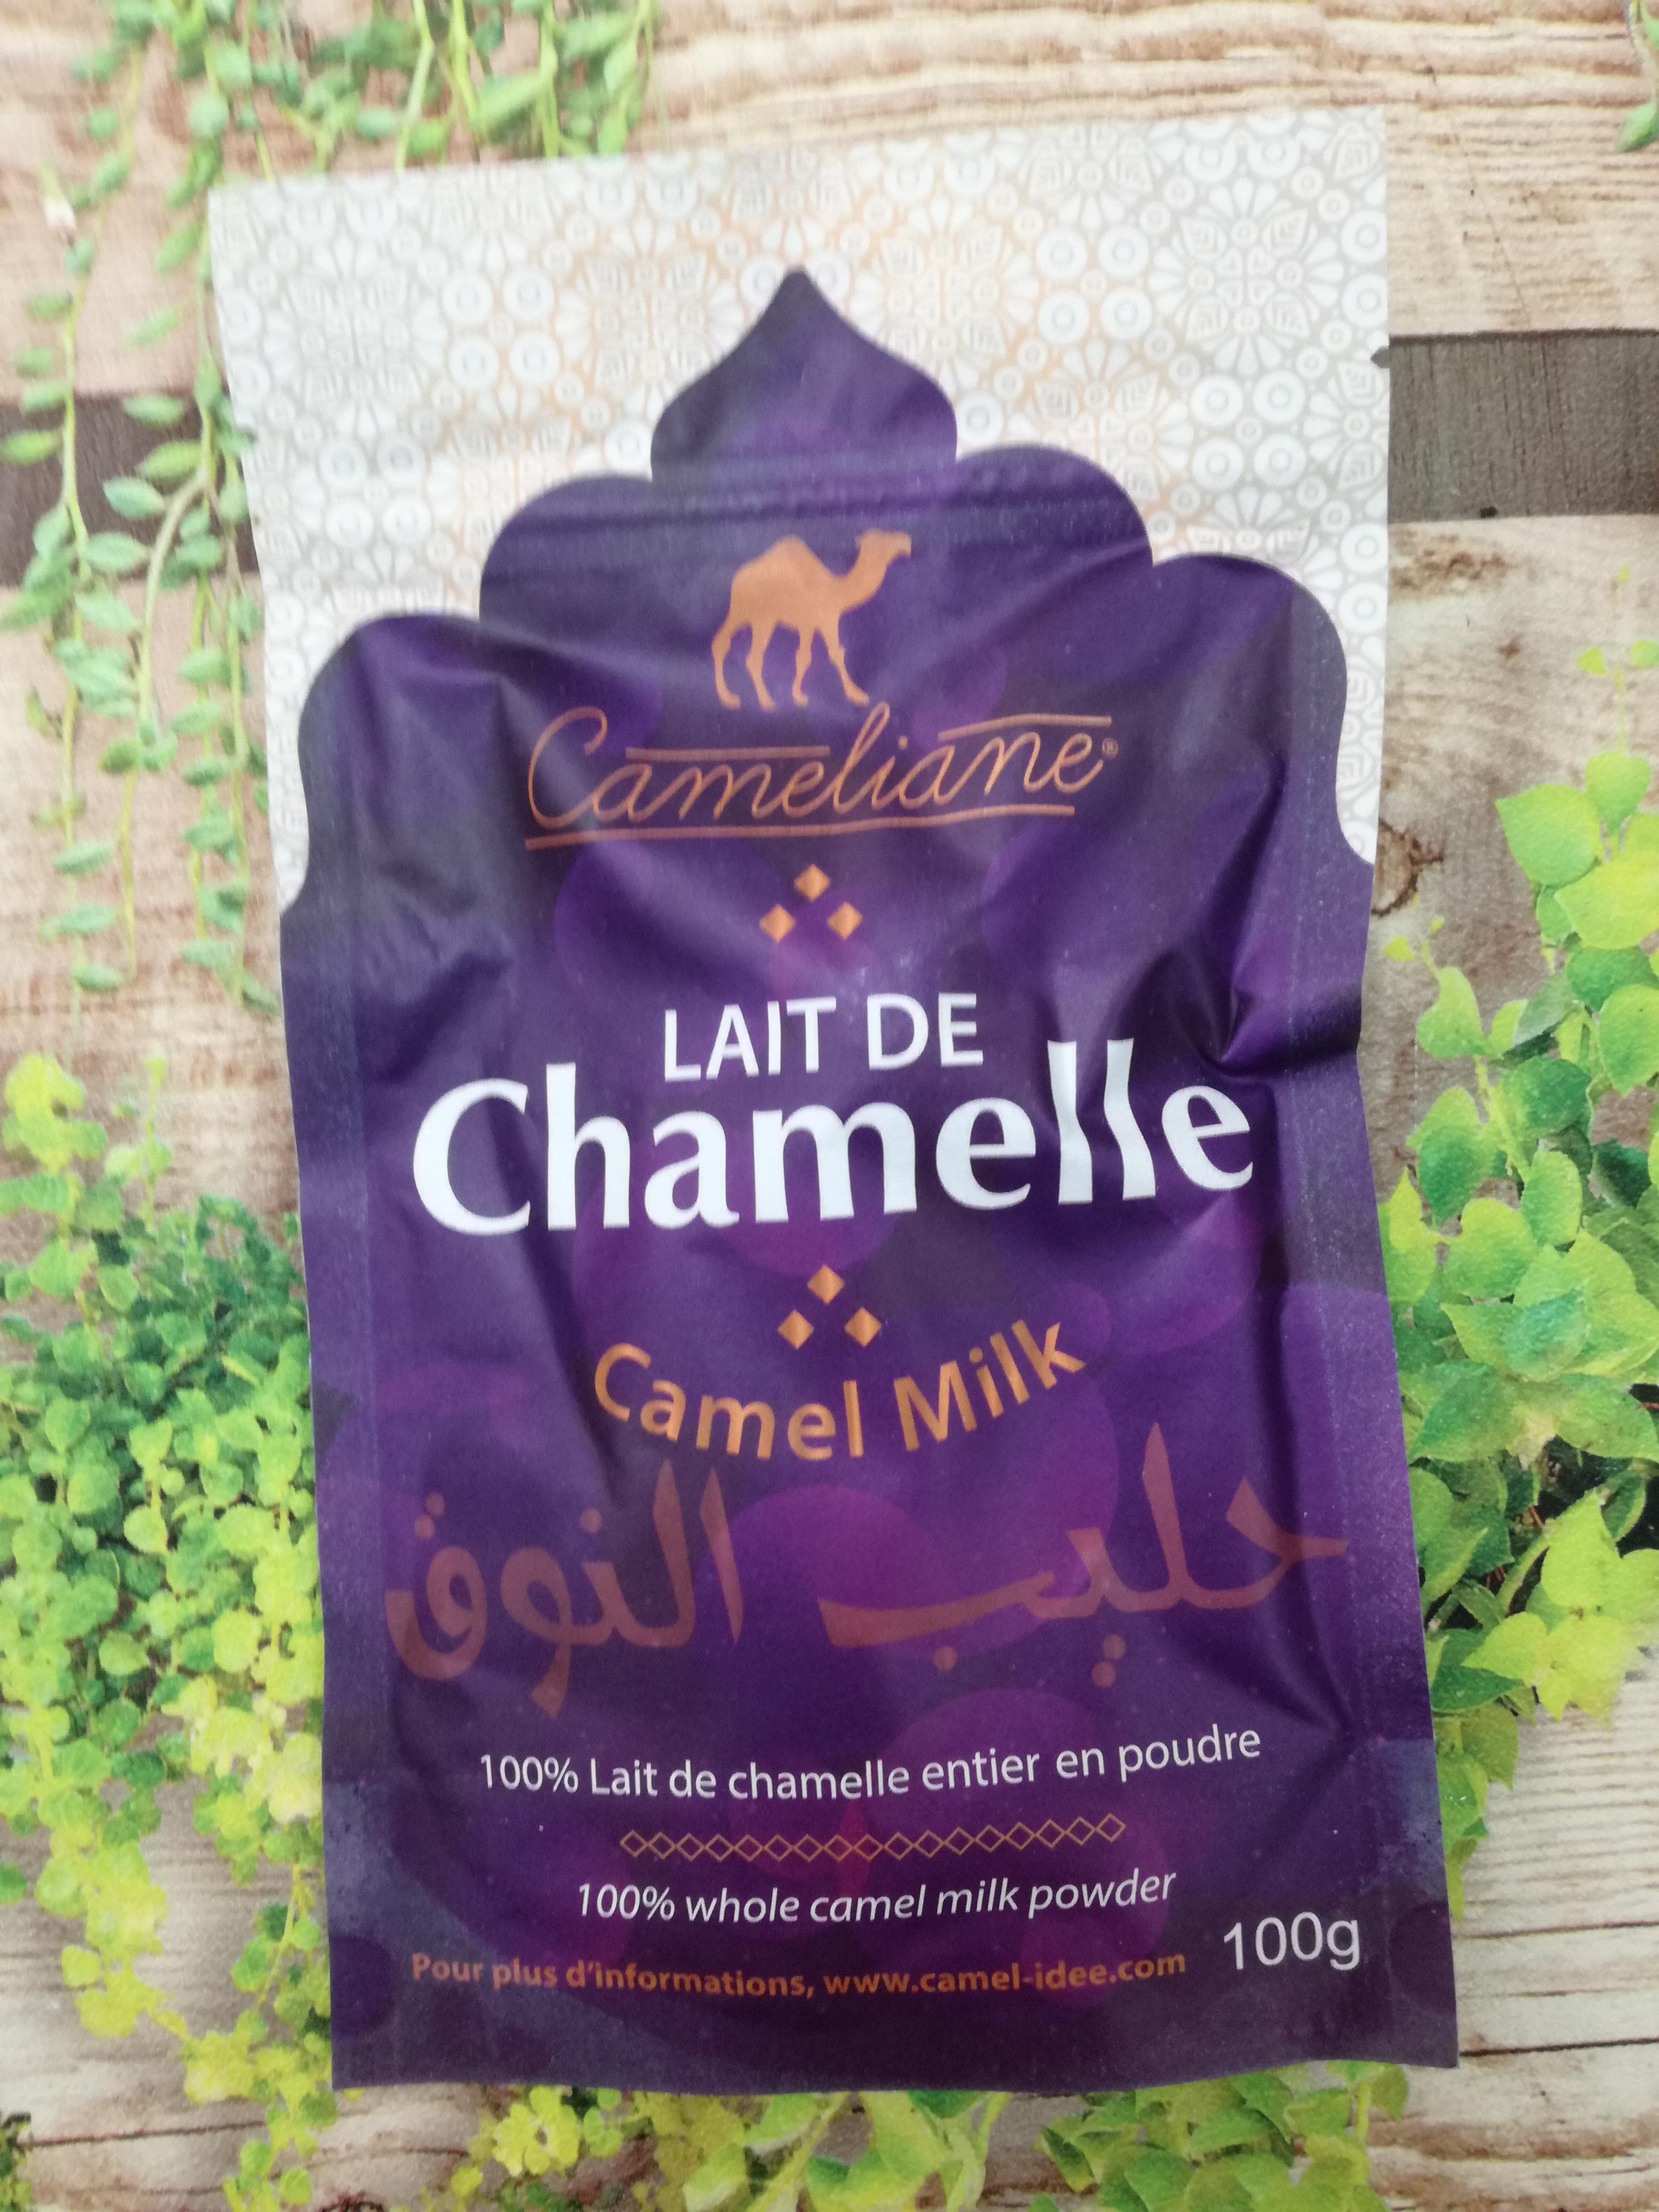 Lait de Chamelle